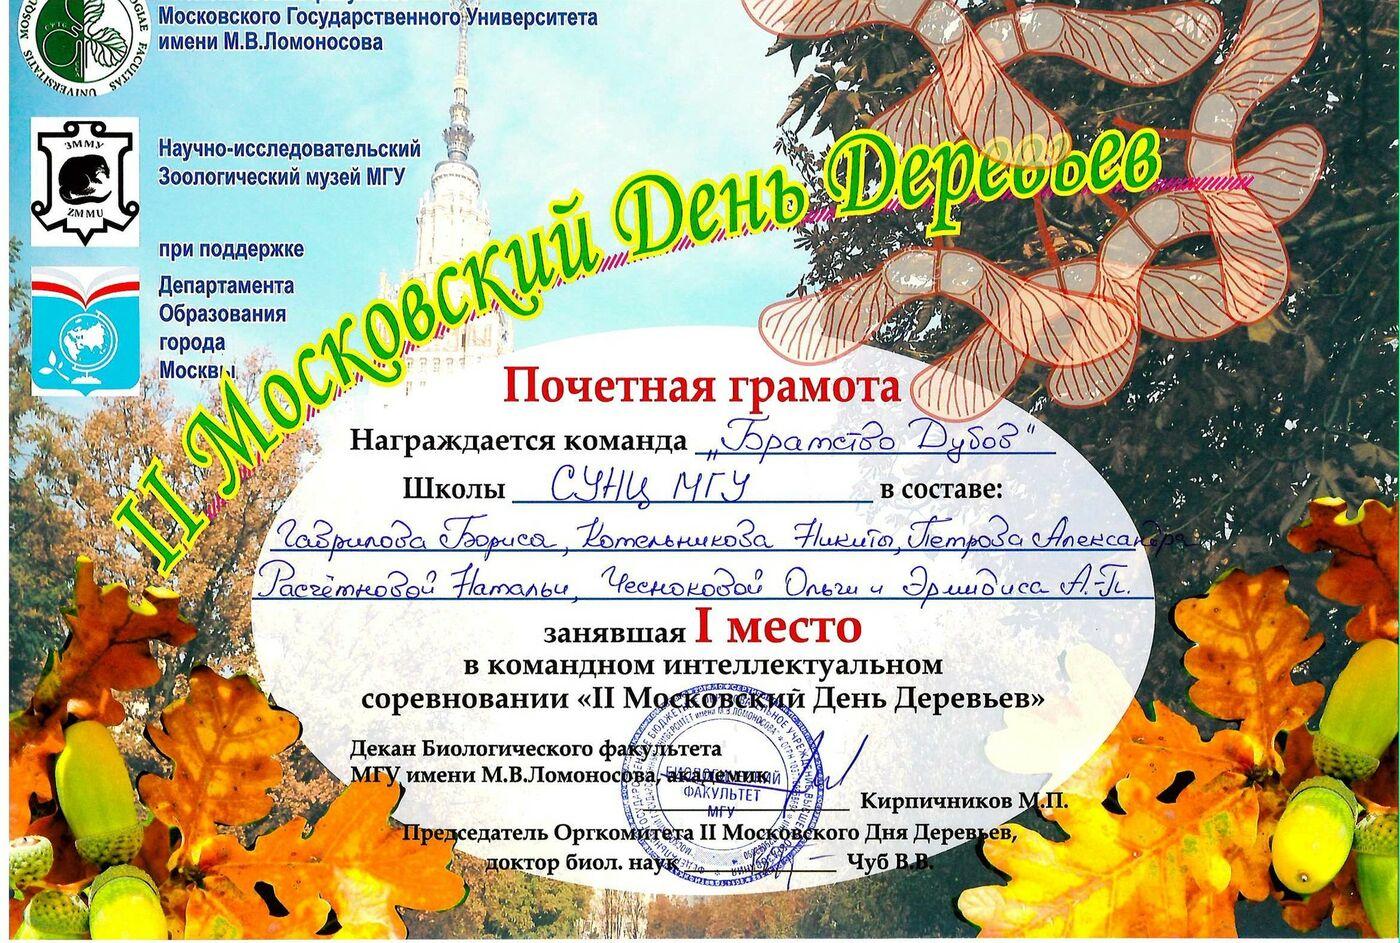 Поздравляем победителей второго Московского Дня Деревьев